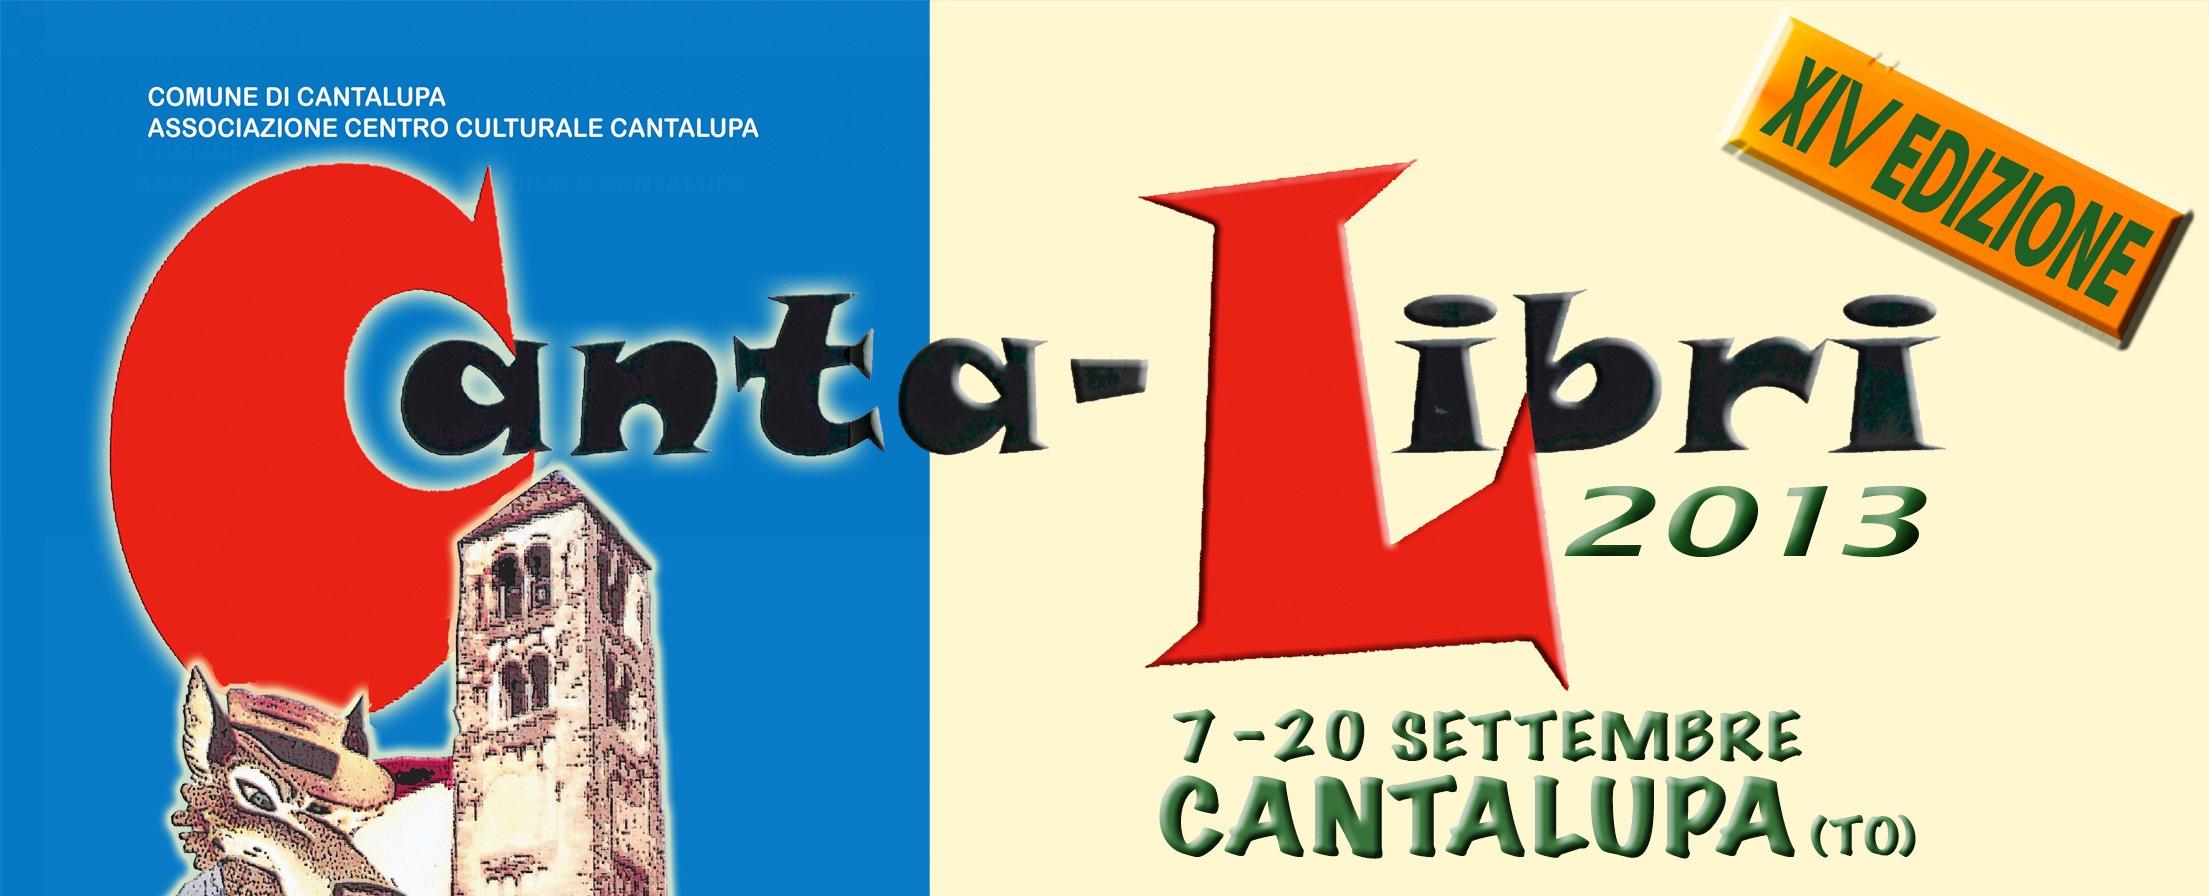 Cantalibri 2013. Il programma